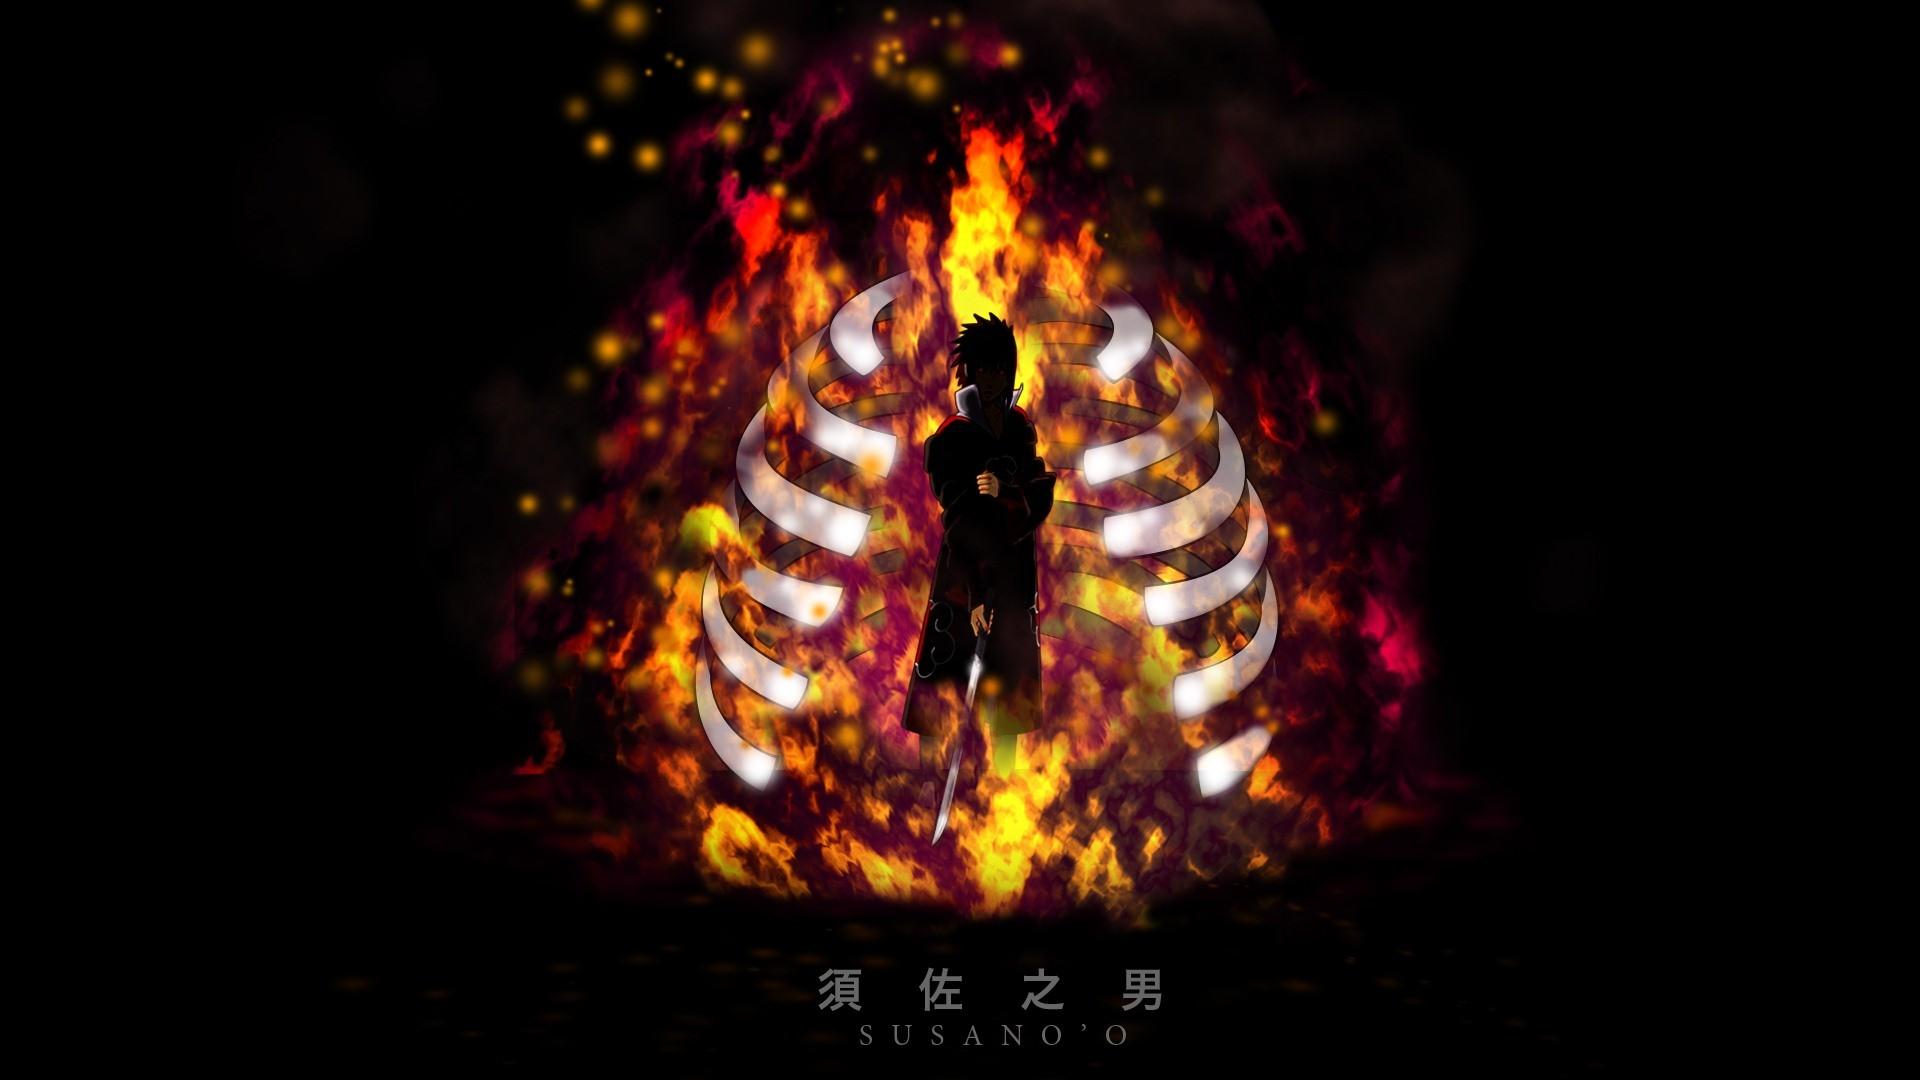 … itachi susanoo wallpaper image gallery hcpr …